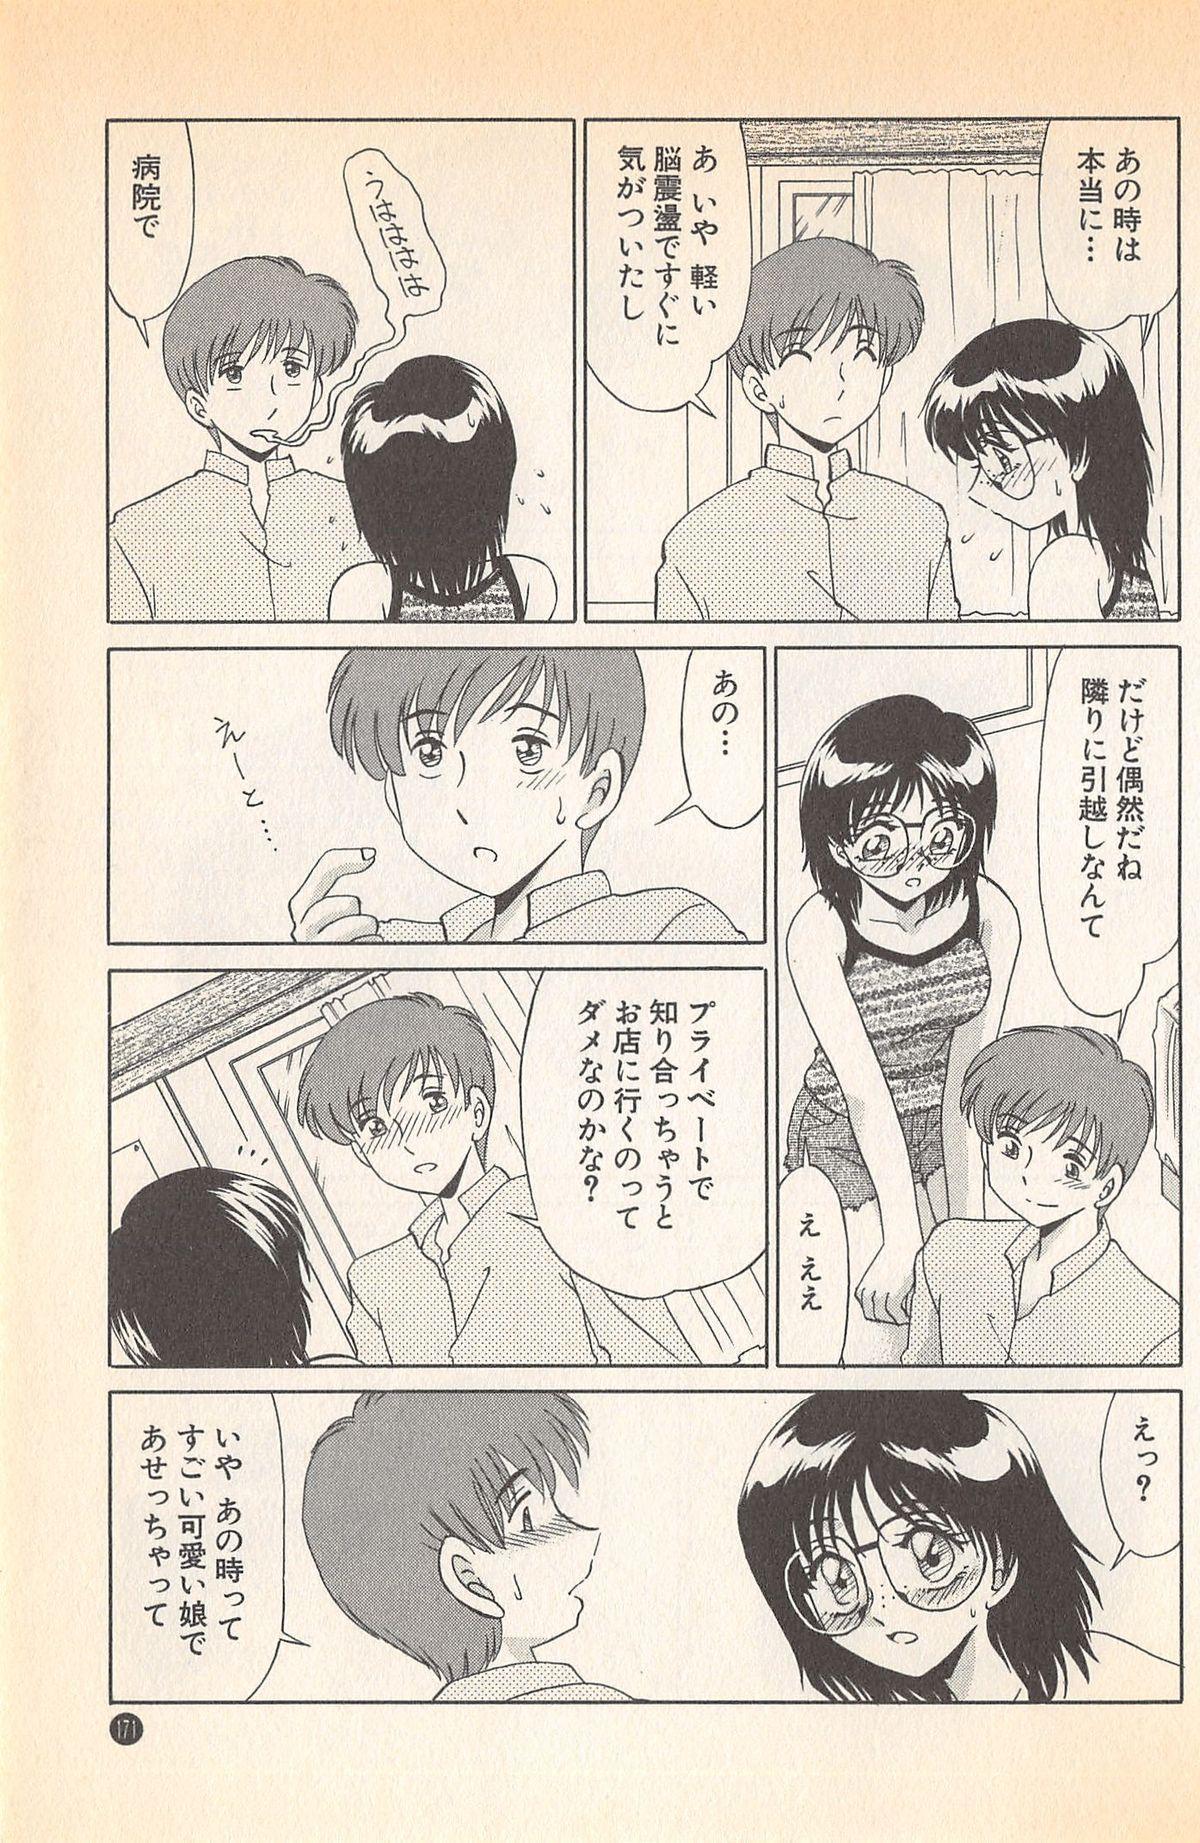 Doki Doki no Shikumi 172